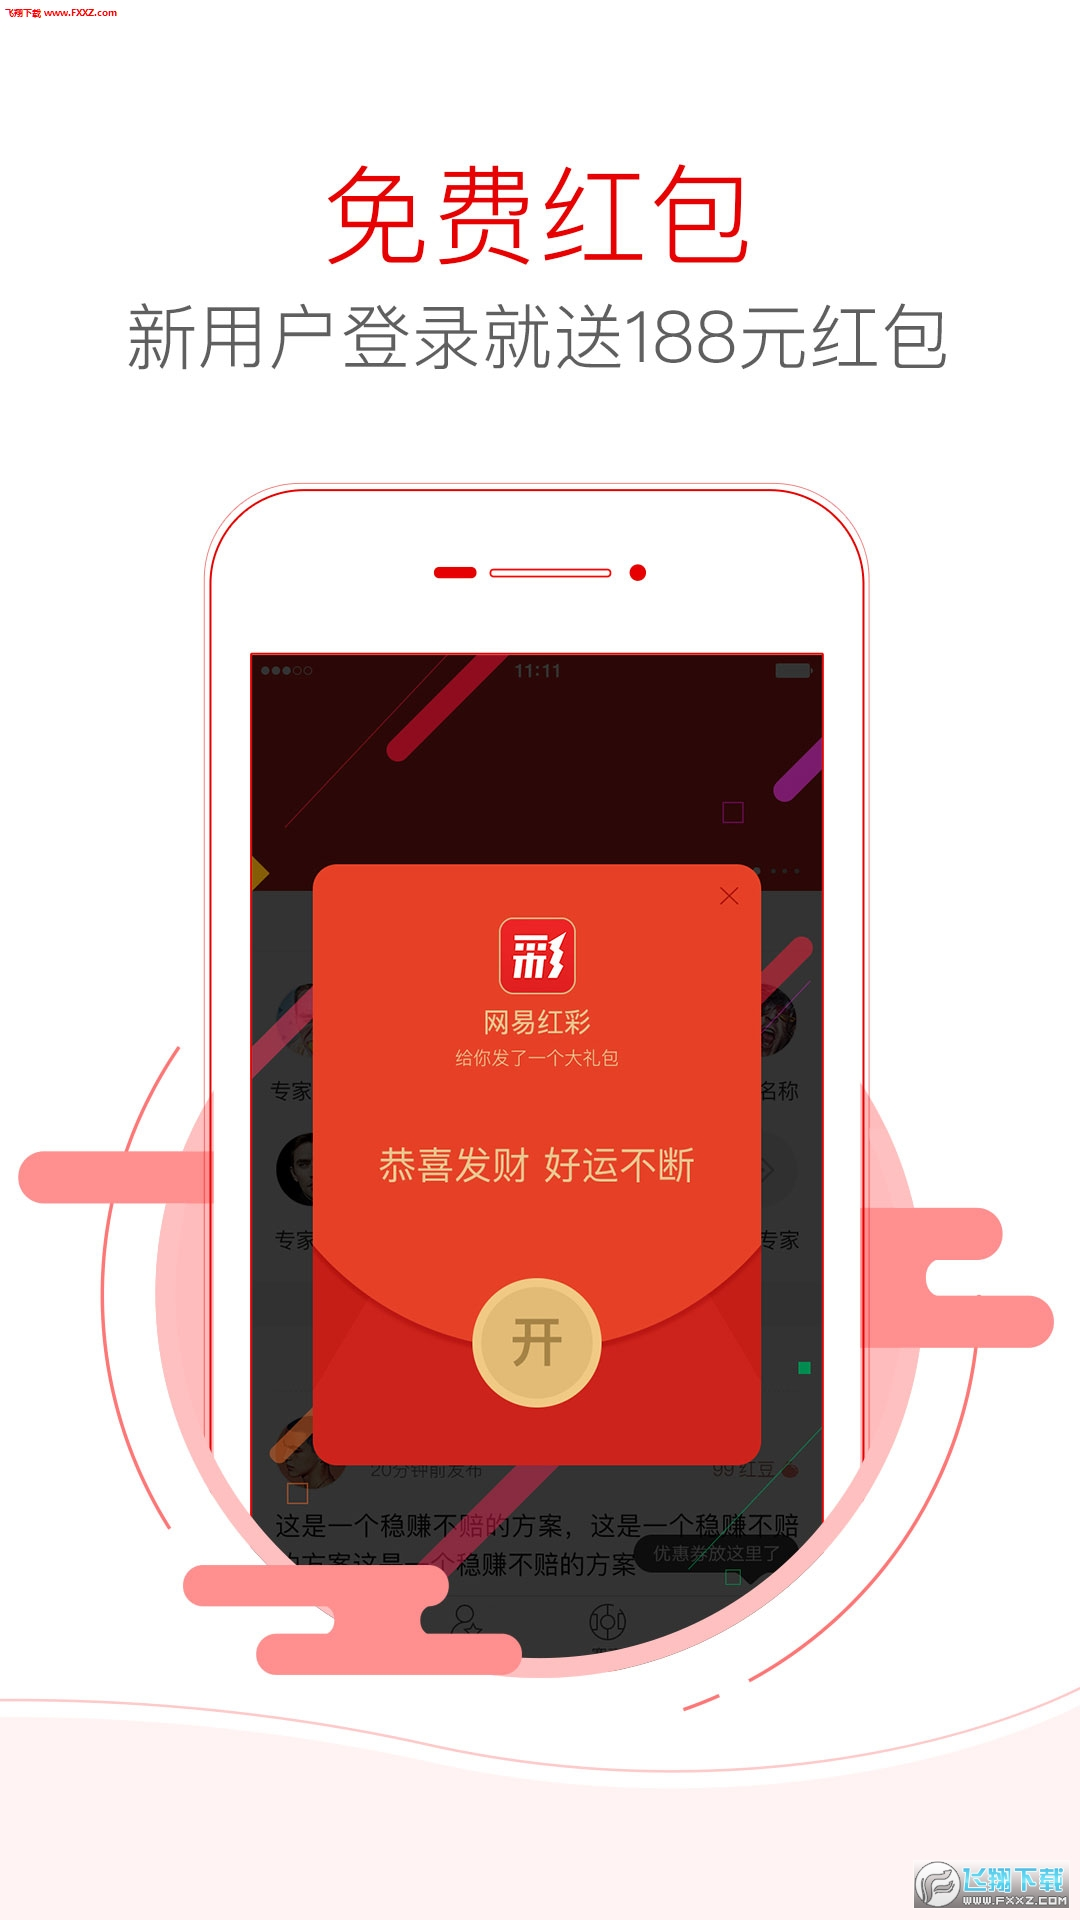 网易红彩app6.0截图1